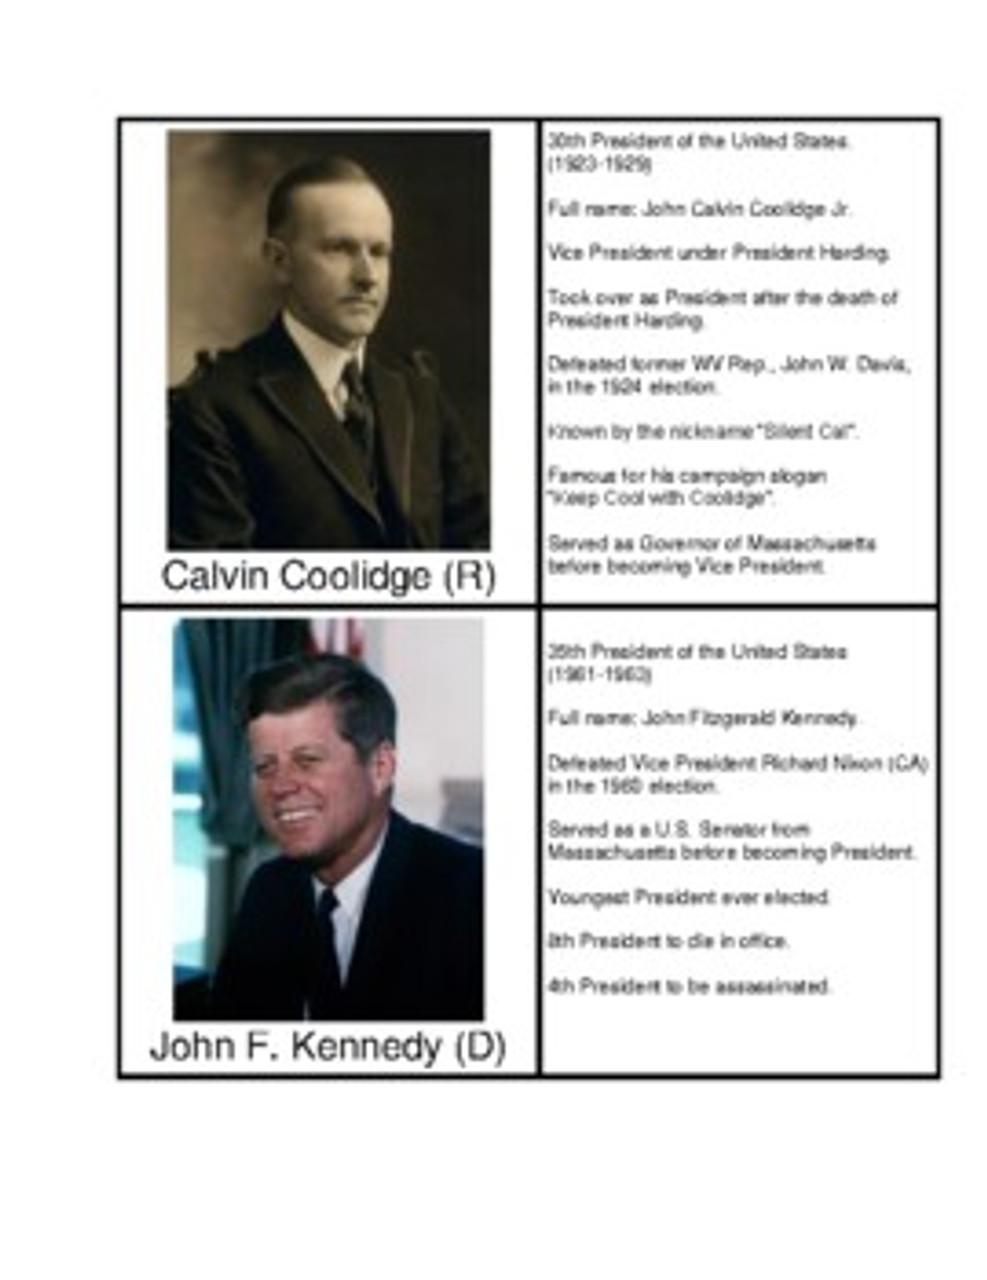 U.S. Presidents for Massachusetts